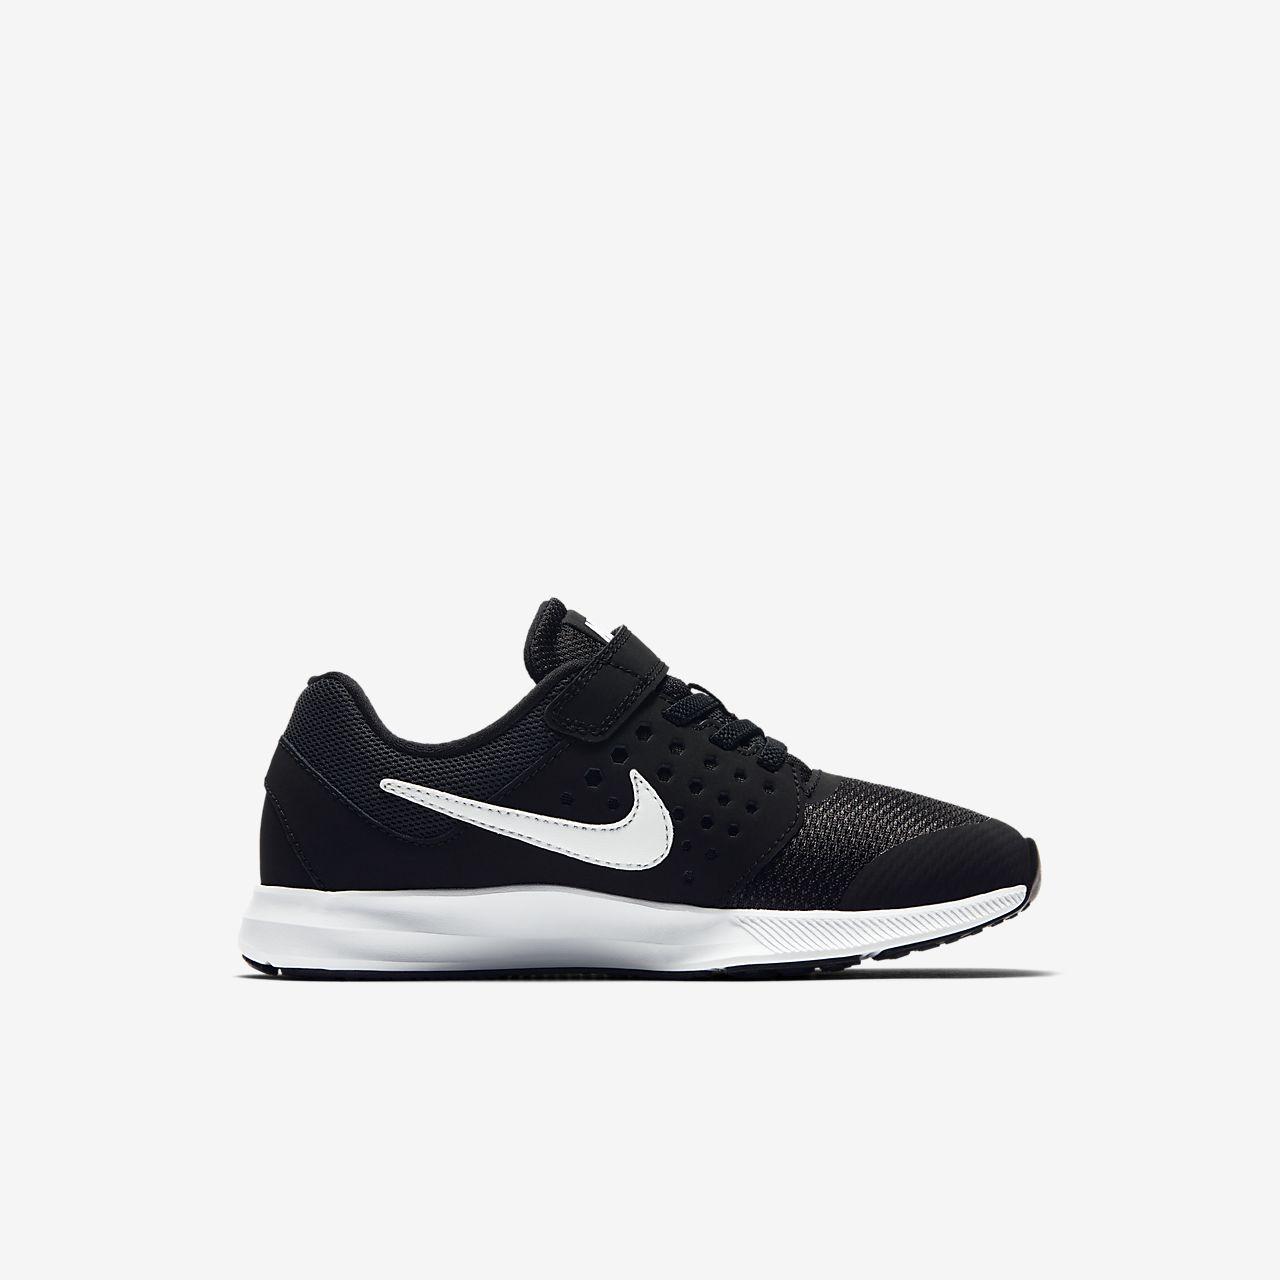 ... Chaussure de running Nike Downshifter 7 pour Jeune enfant